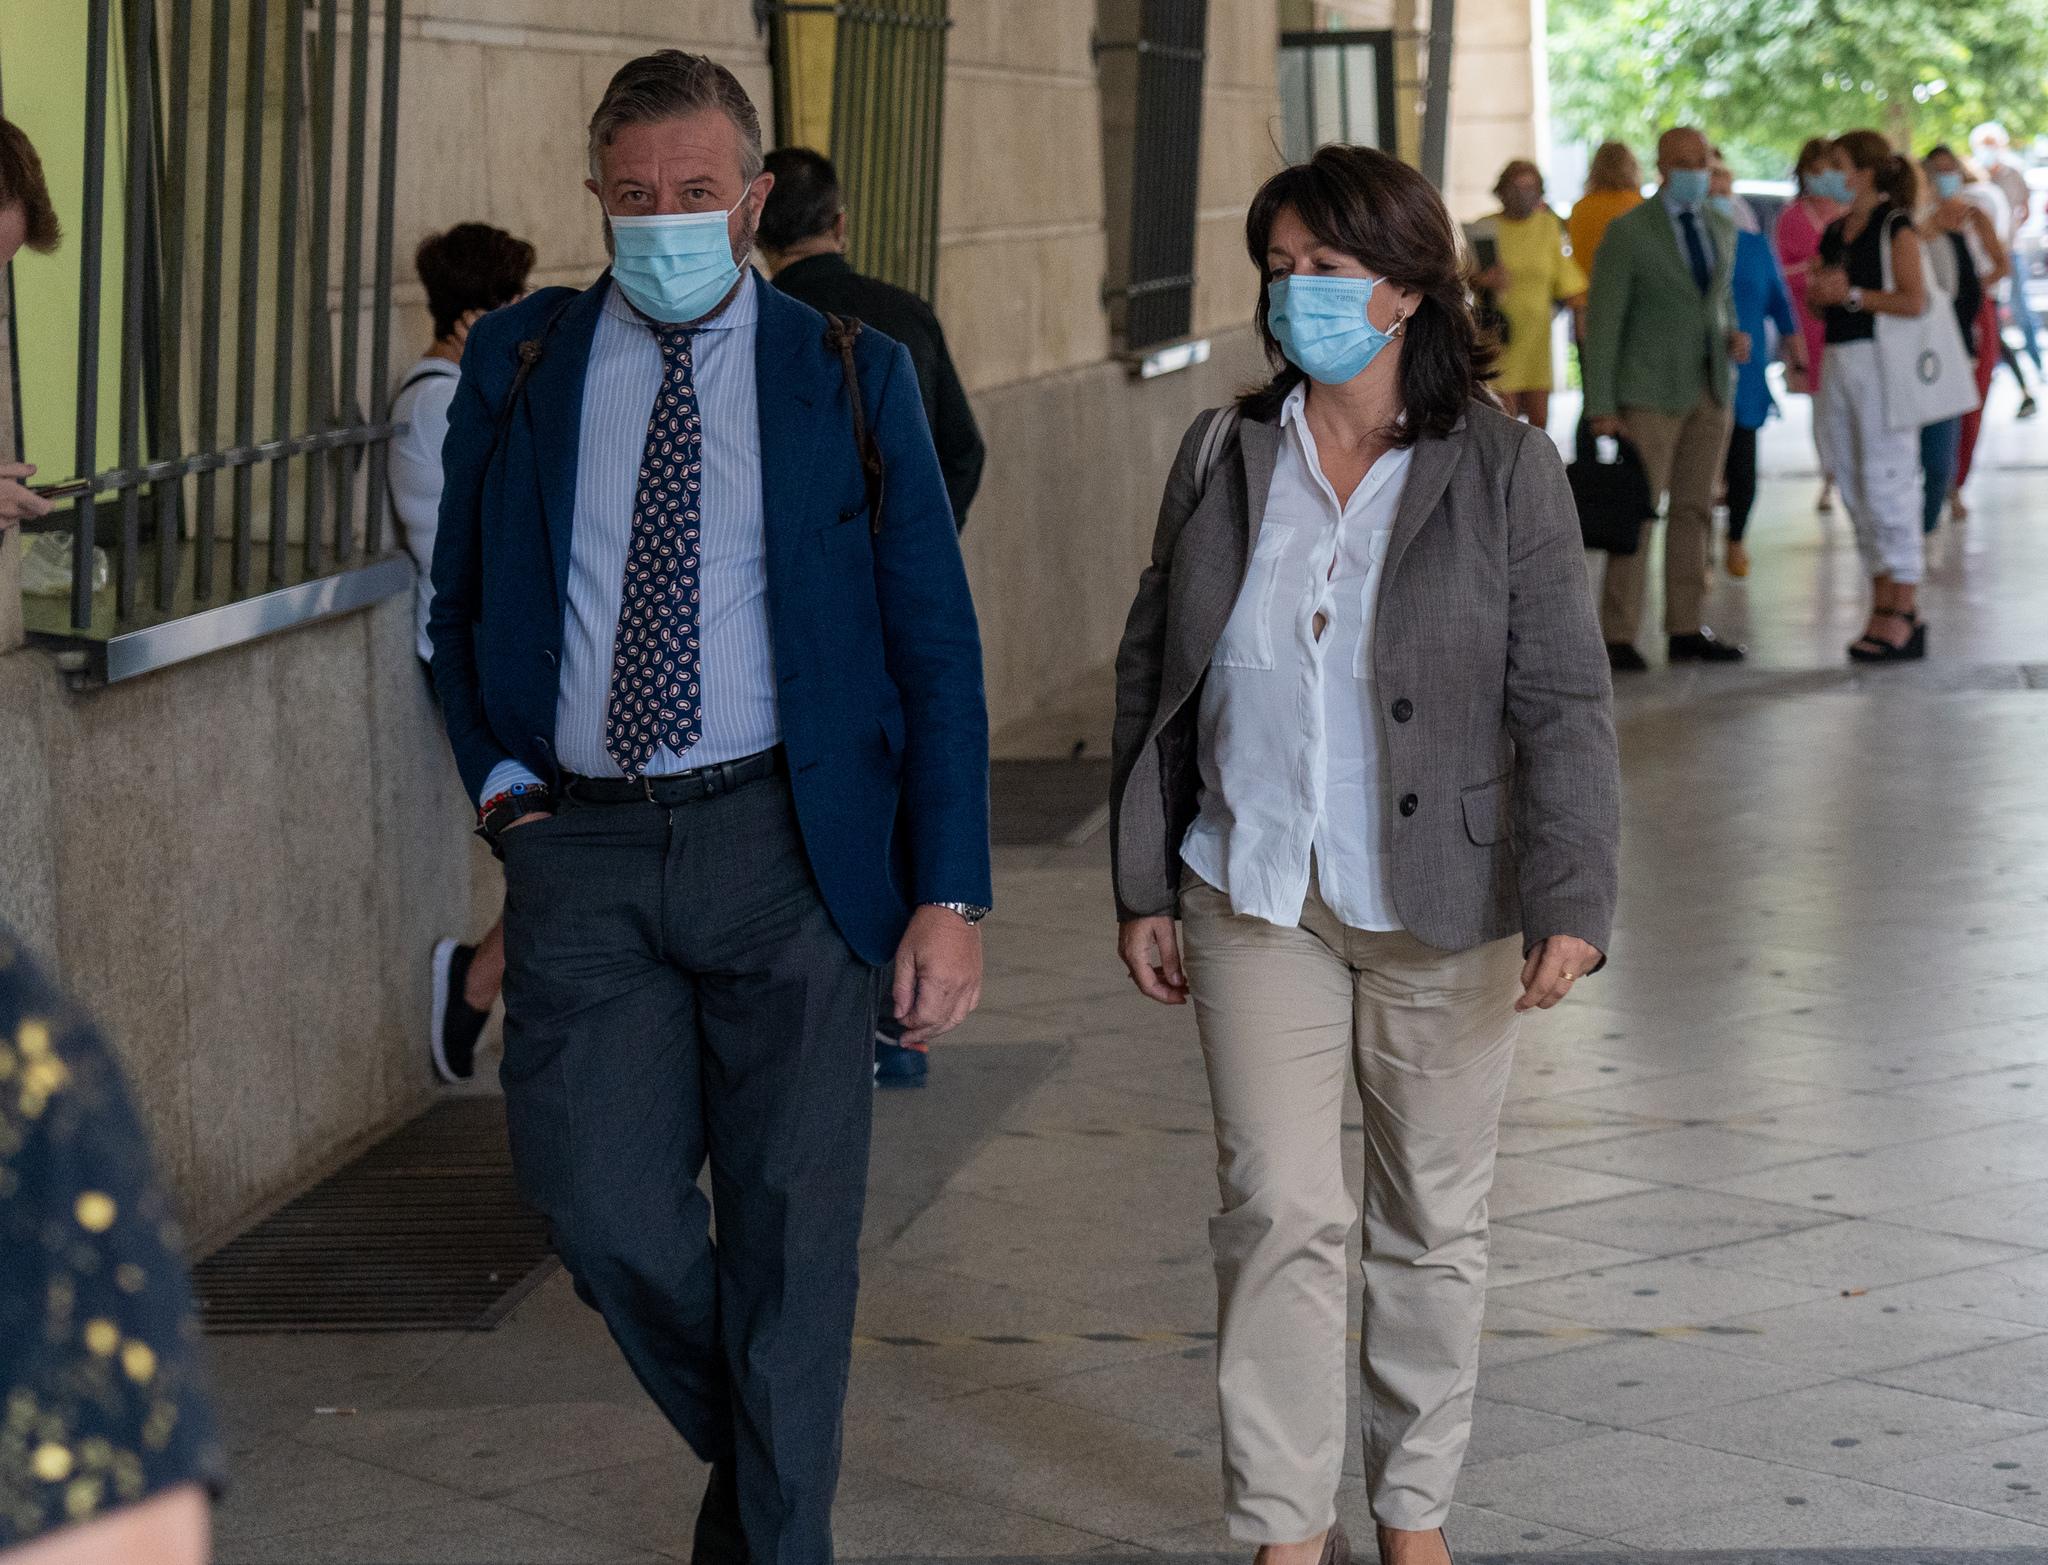 L'ancienne directrice de la Faffe, Anna Valls, devant les tribunaux de Séville après avoir témoigné devant le juge.